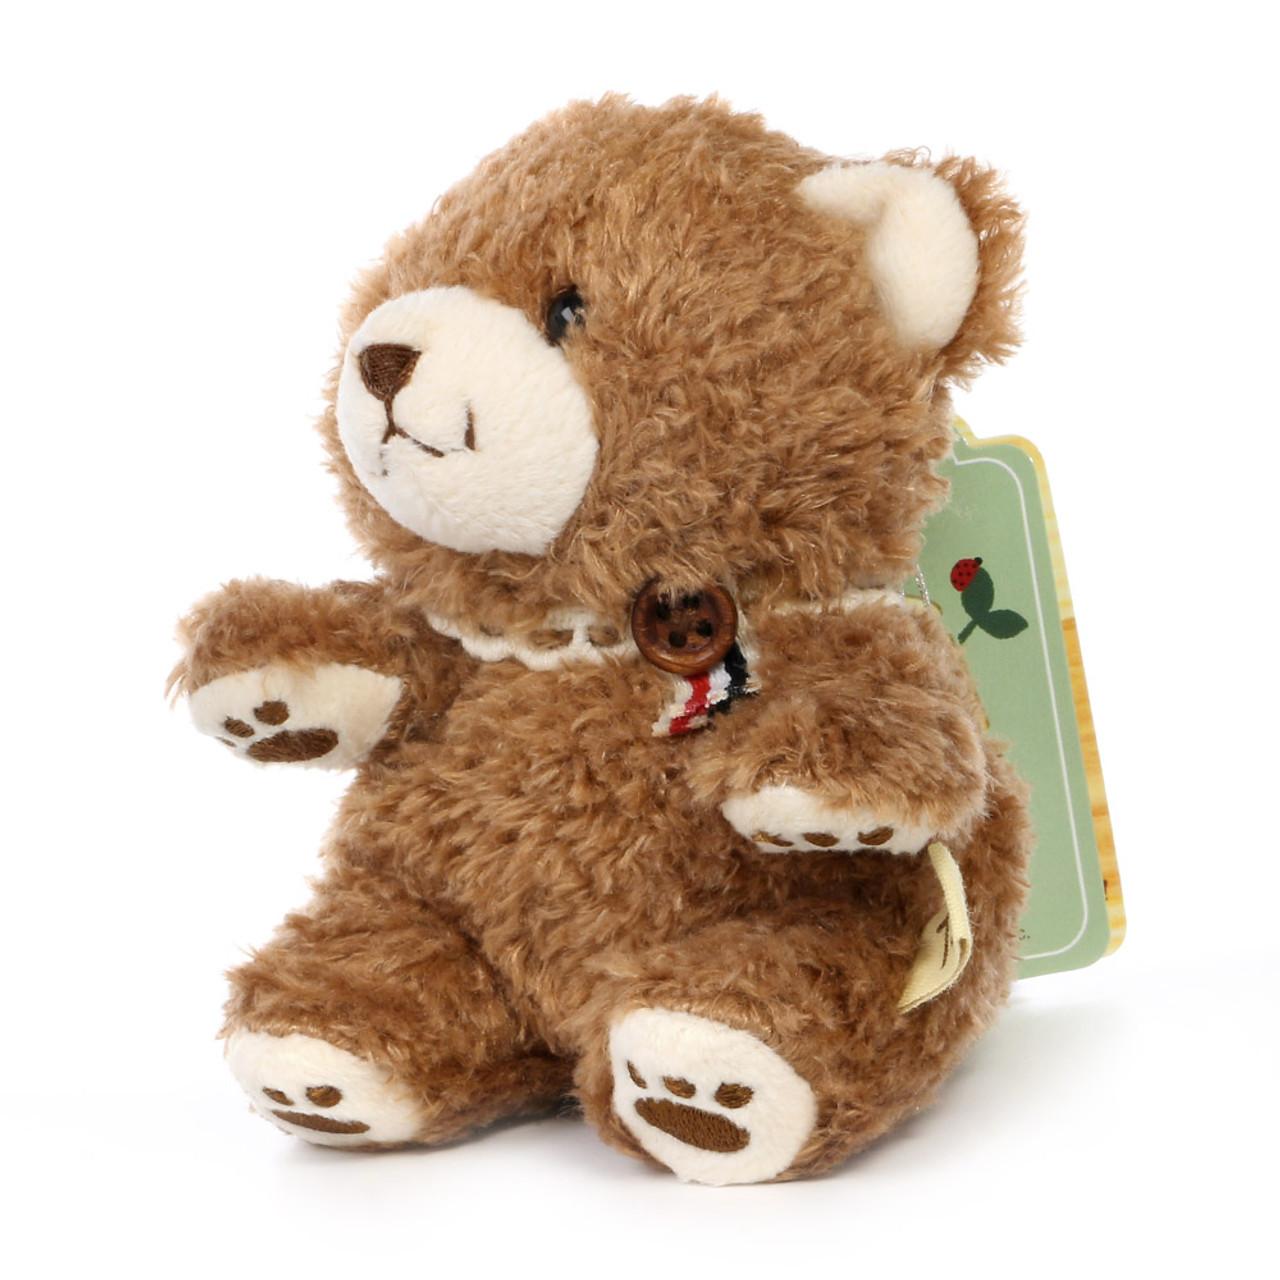 Naito Design Tot Series Bear Doll Charms - Kumumu ( Side View )